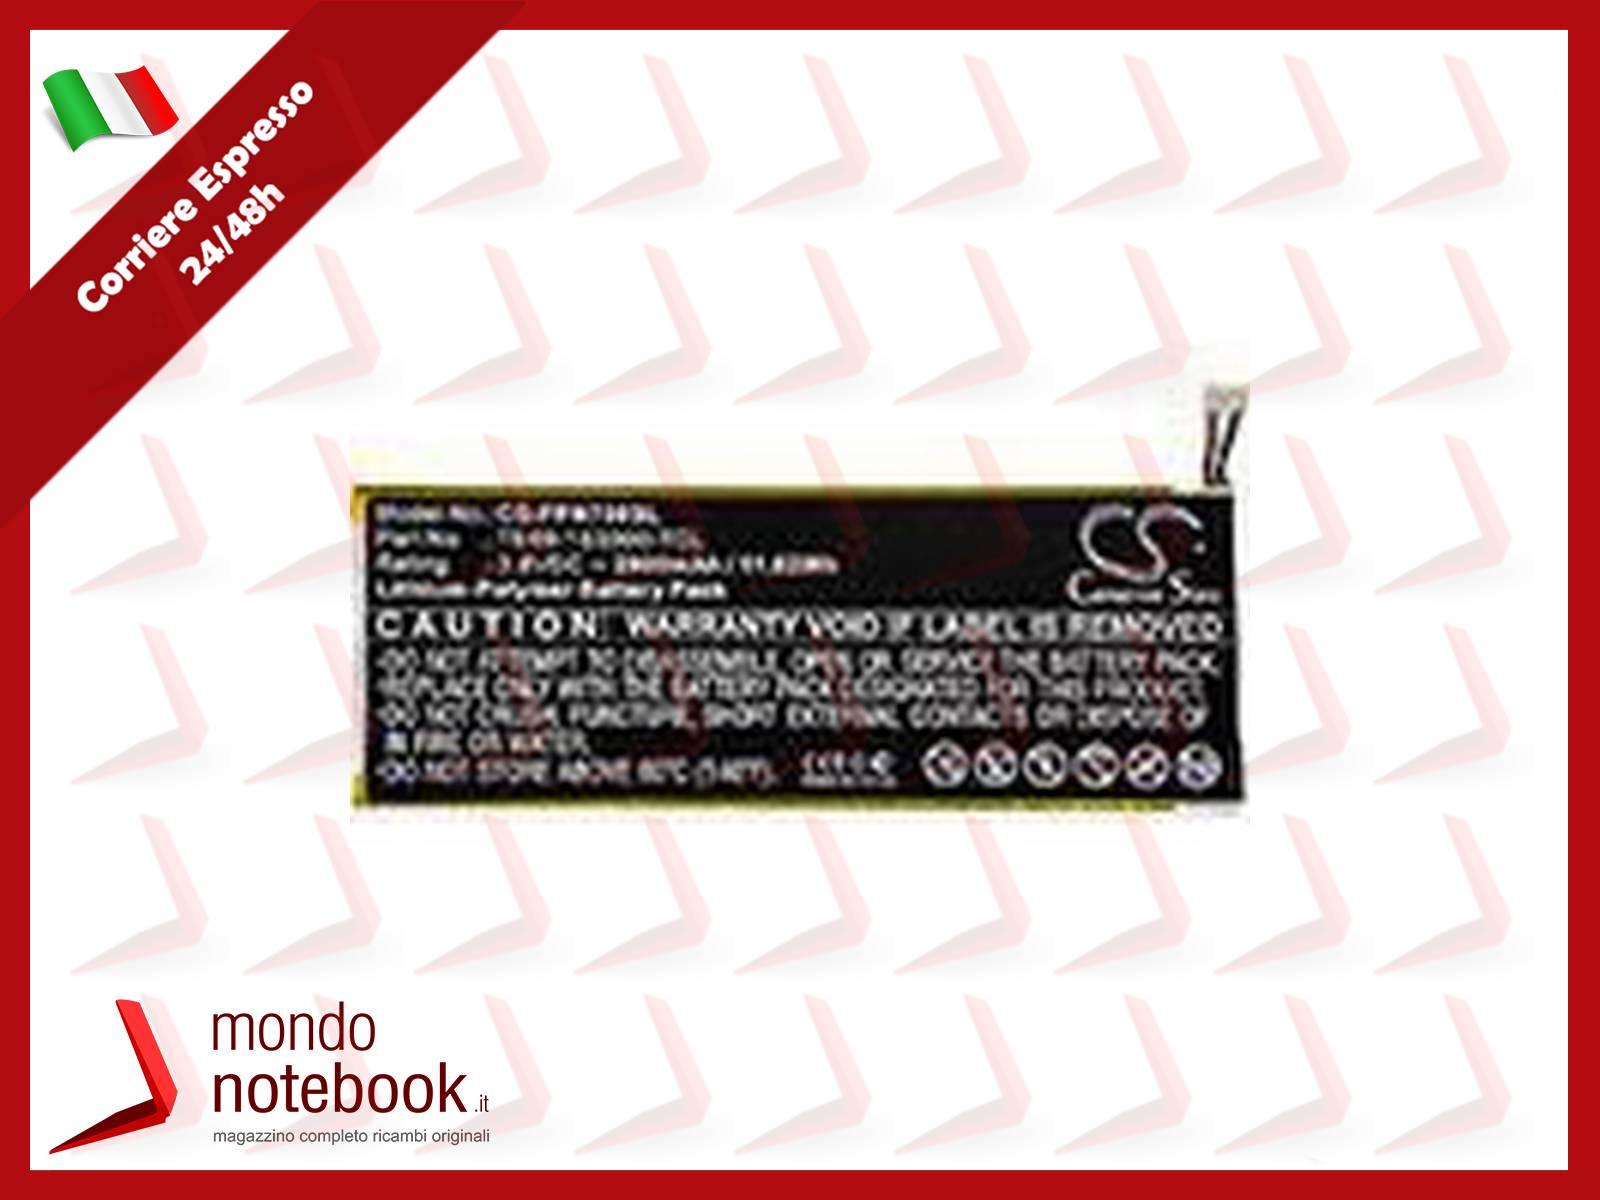 green-cell-pro-batteria-per-dell-xps-14-14d-15-15d-17-111v-5200mah